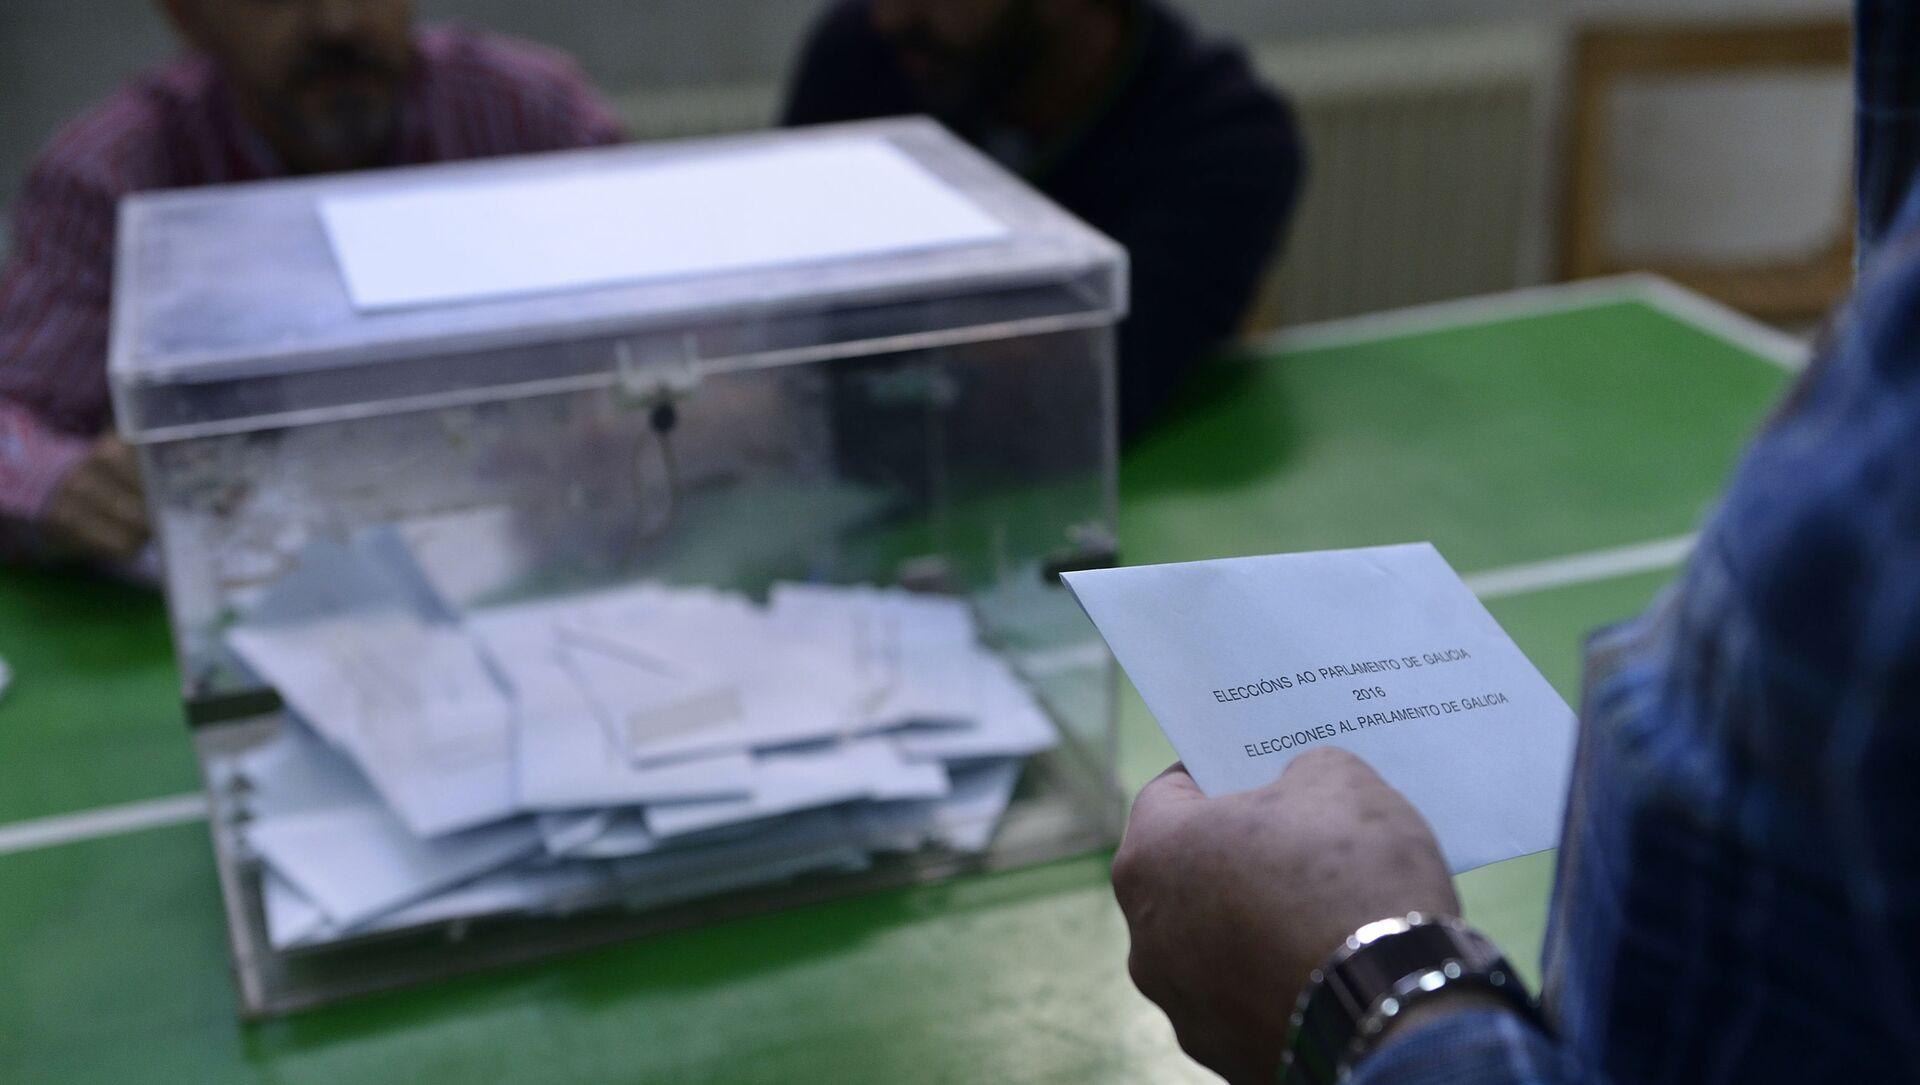 Votante frente a una urna en las elecciones de Galicia de 2016 - Sputnik Mundo, 1920, 02.07.2020